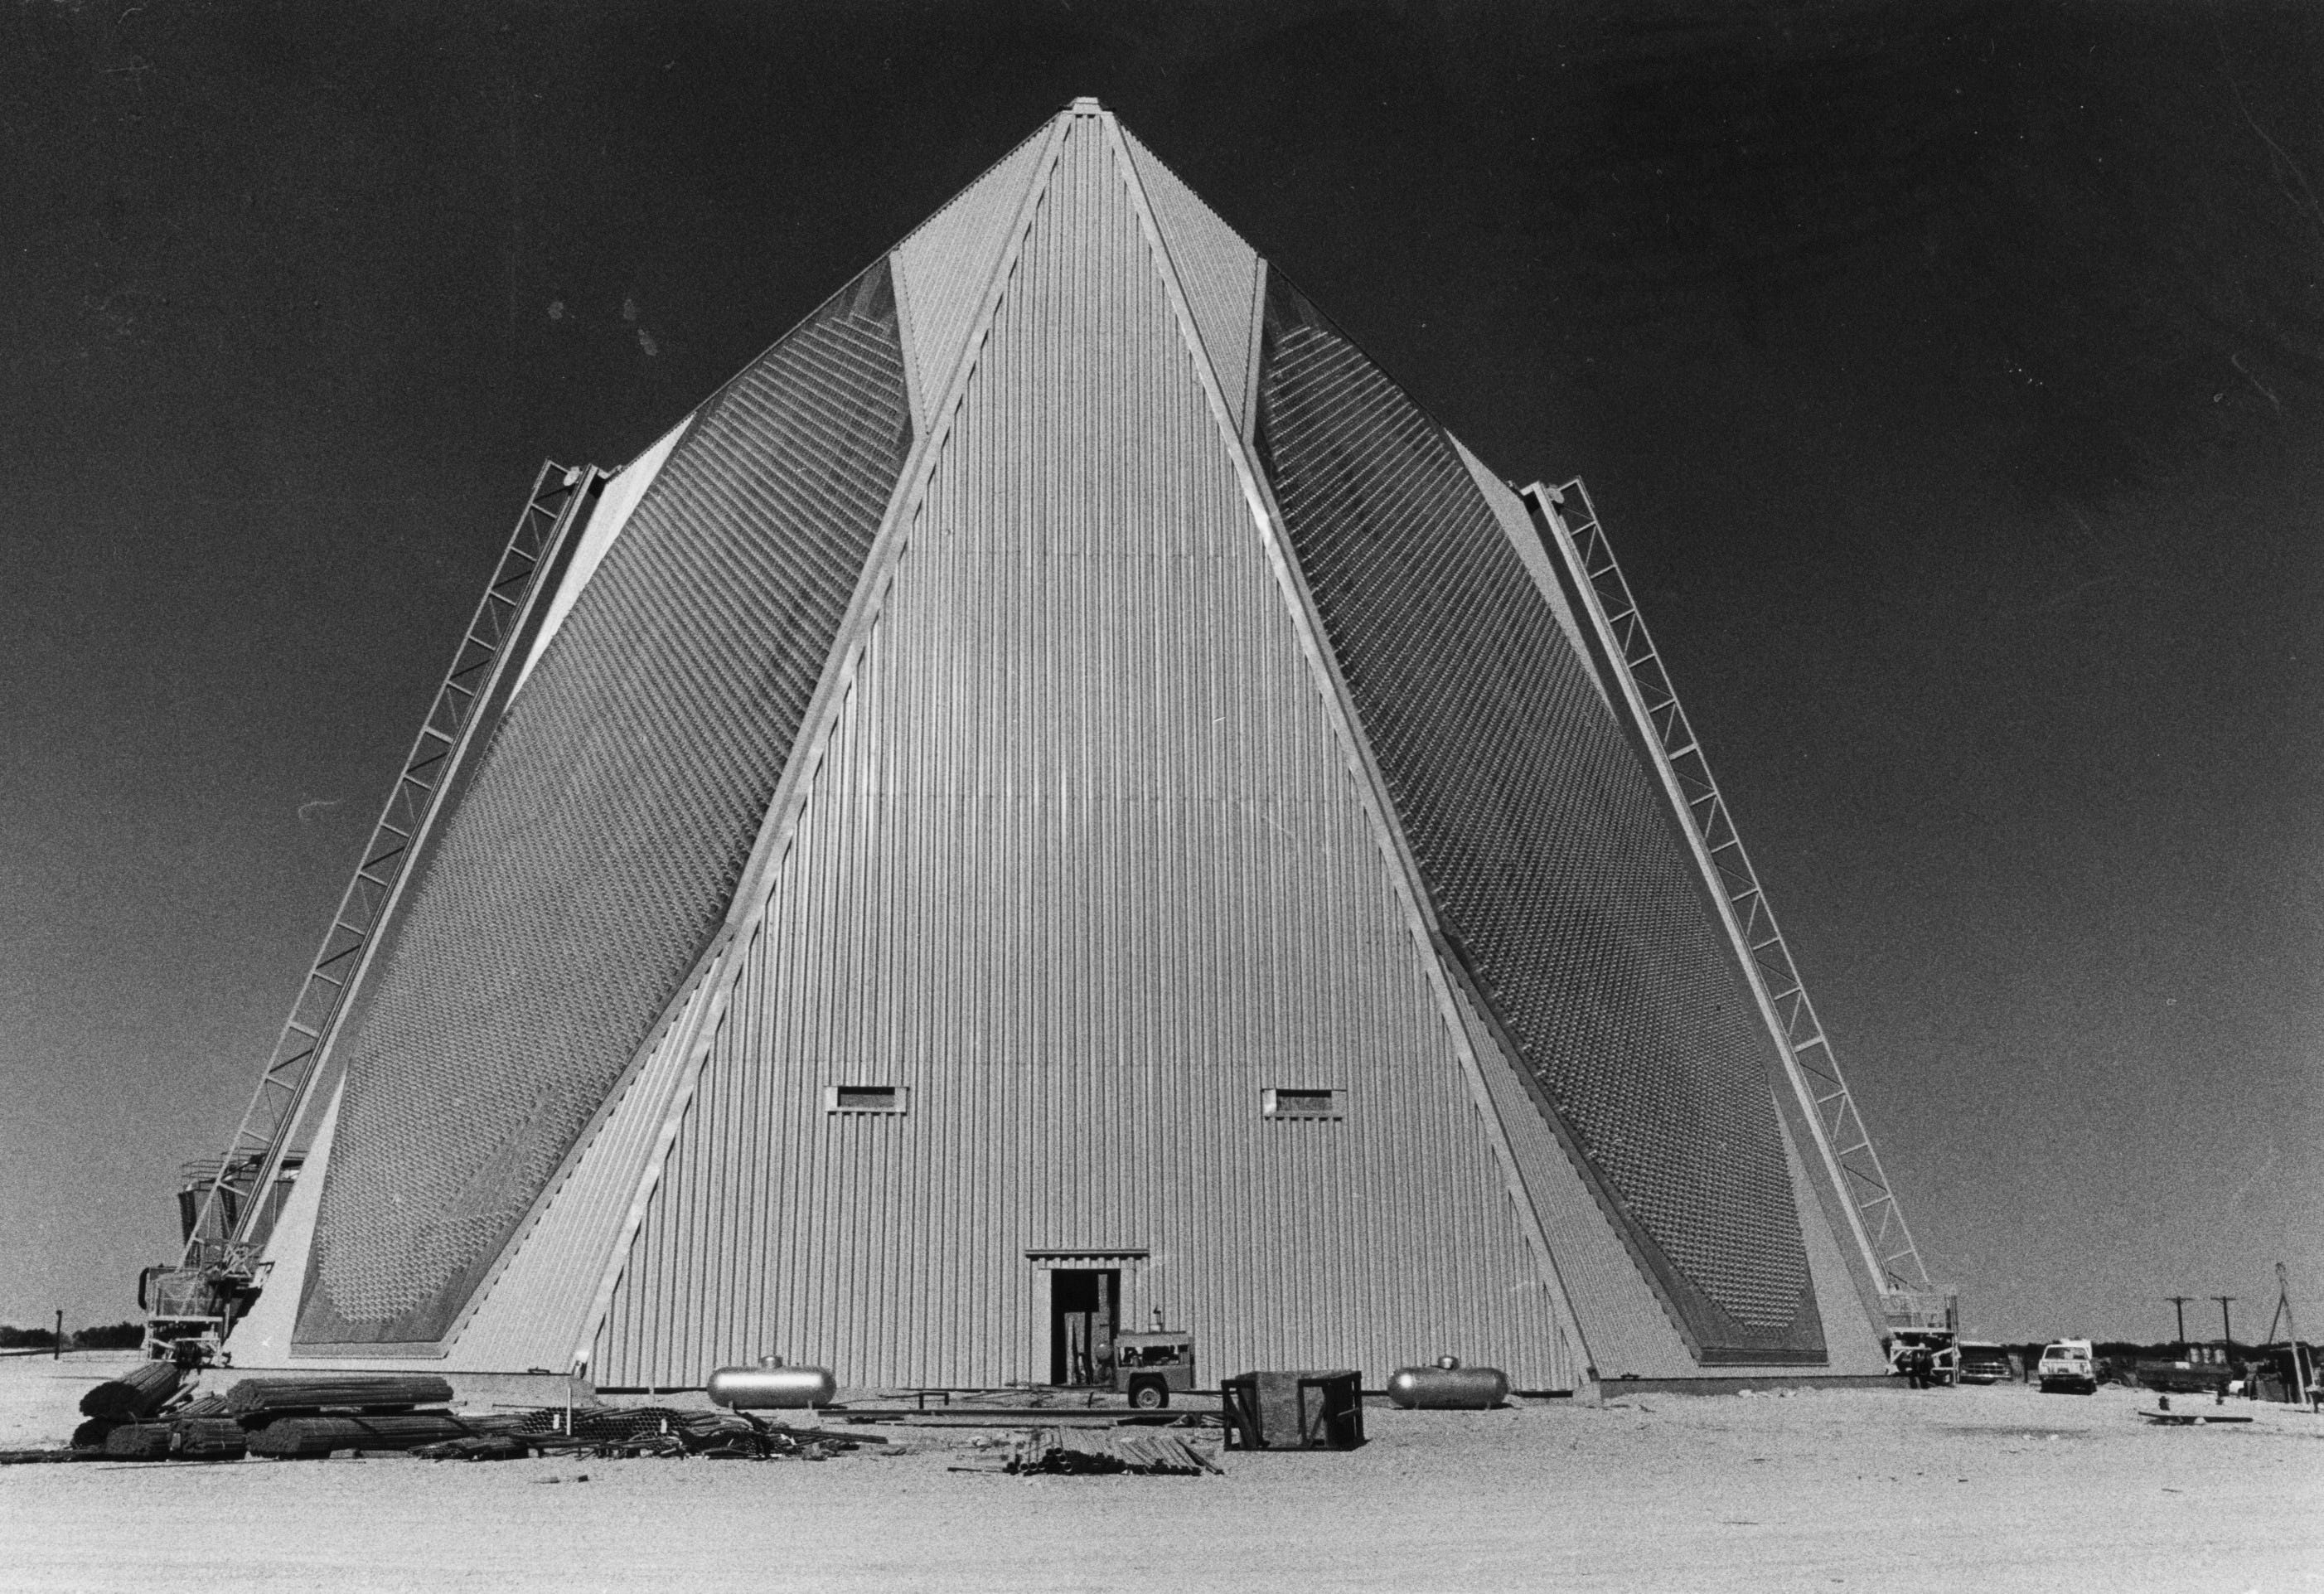 Cold War radar installation still turns heads along U.S. Highway 277 in Texas